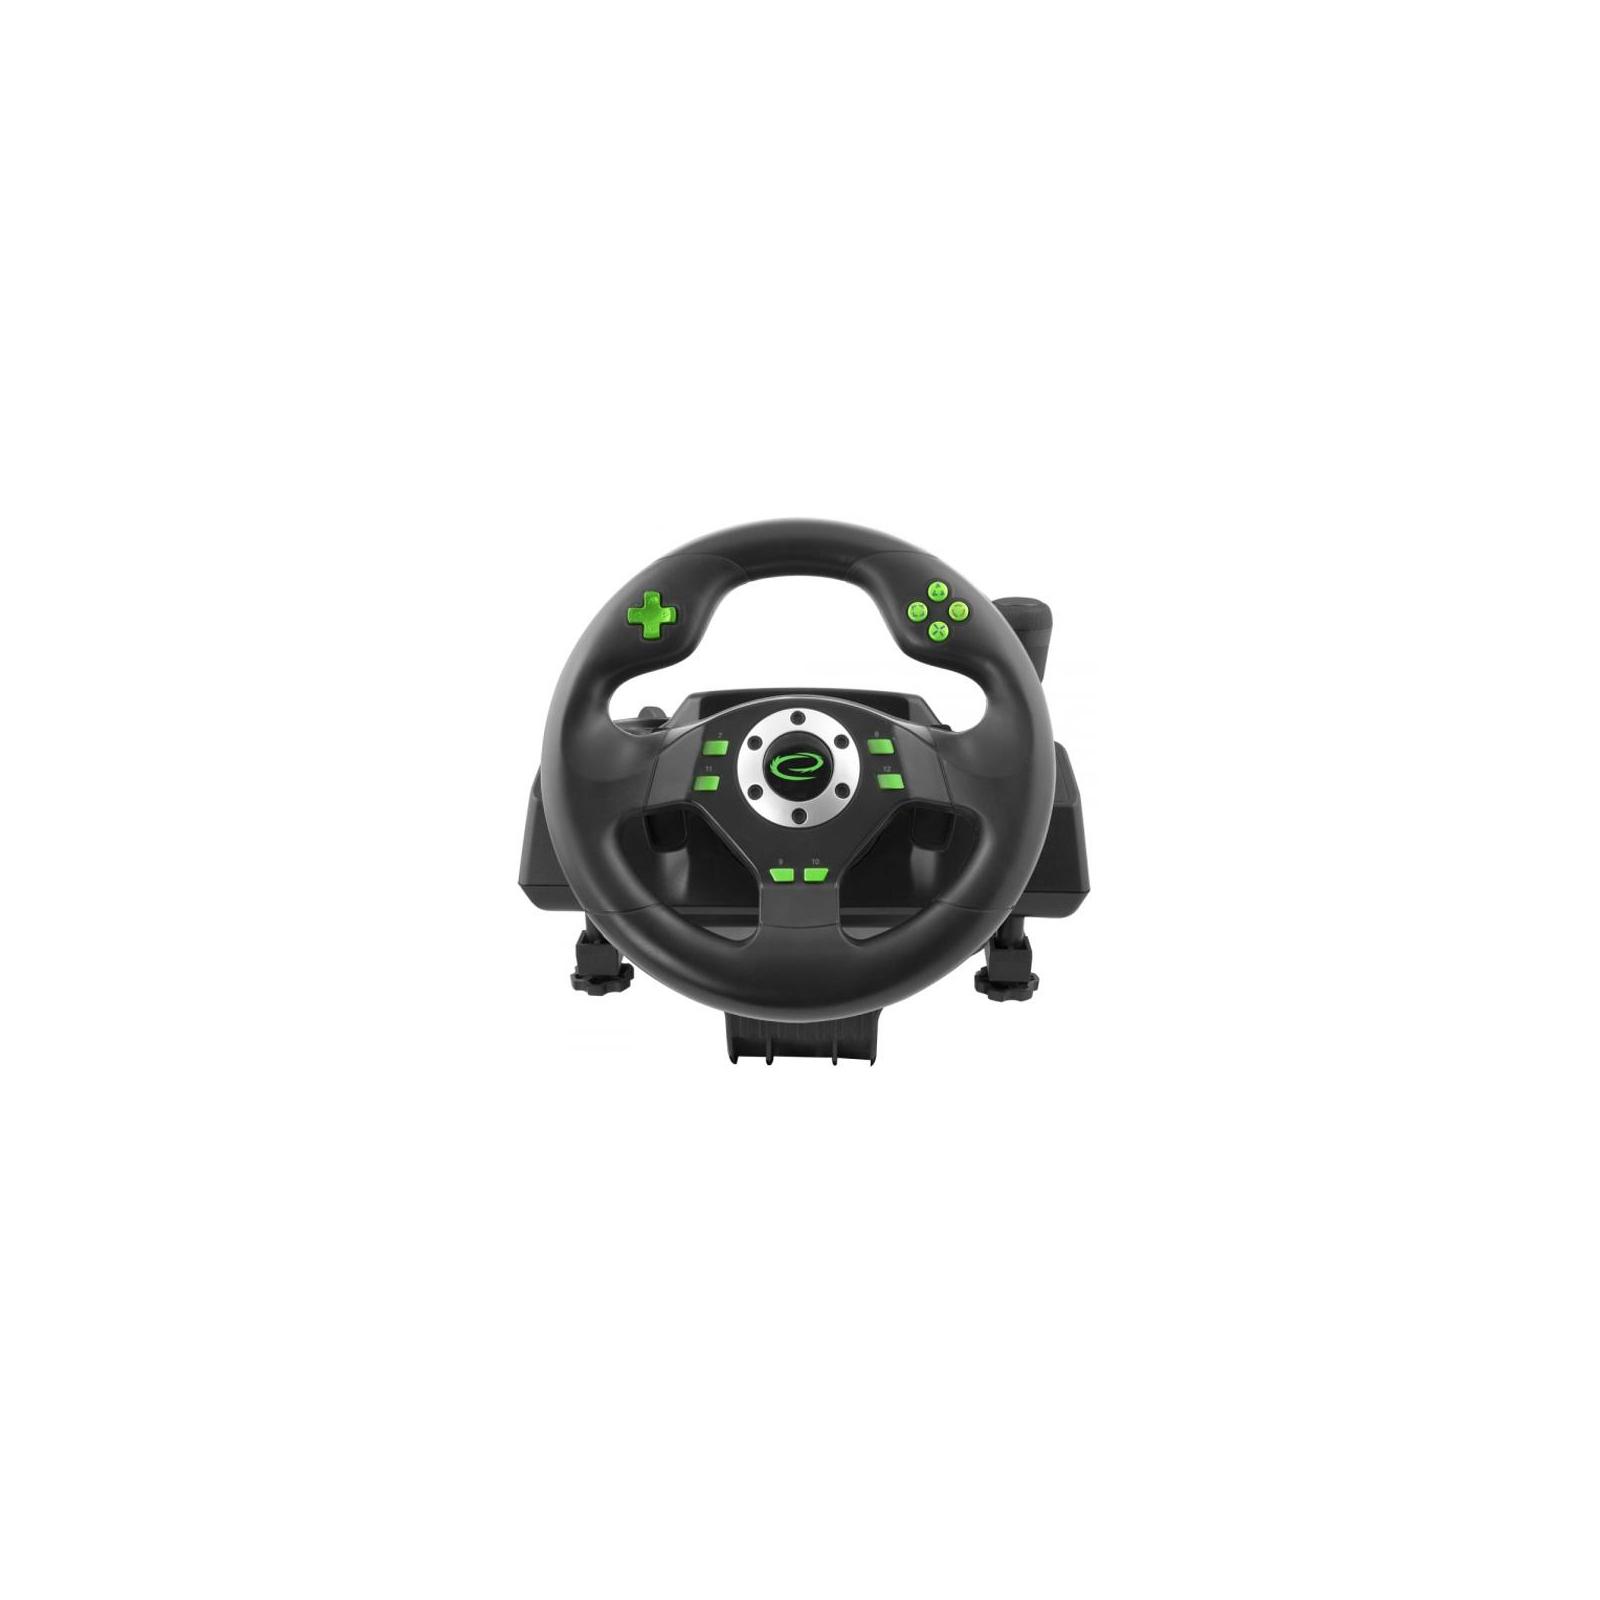 Руль Esperanza PC/PS3 Black-Green (EGW101) изображение 3